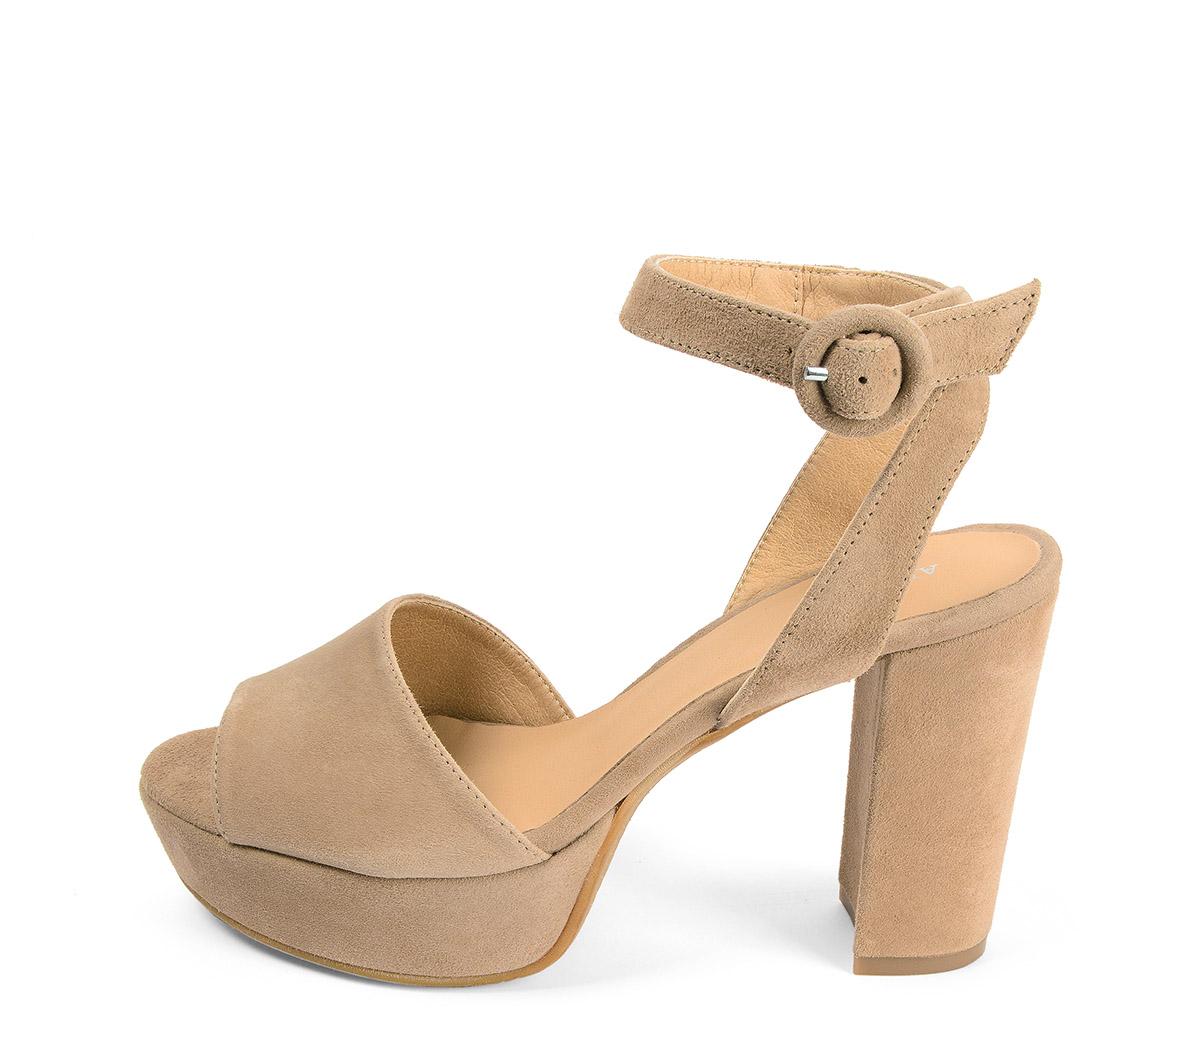 Ref: 3808 Sandalia ante beige con pala lisa y pulsera al tobillo con hebilla forrada al tono. Altura tacón 10.5 cm y plataforma delantera de 3.5 cm